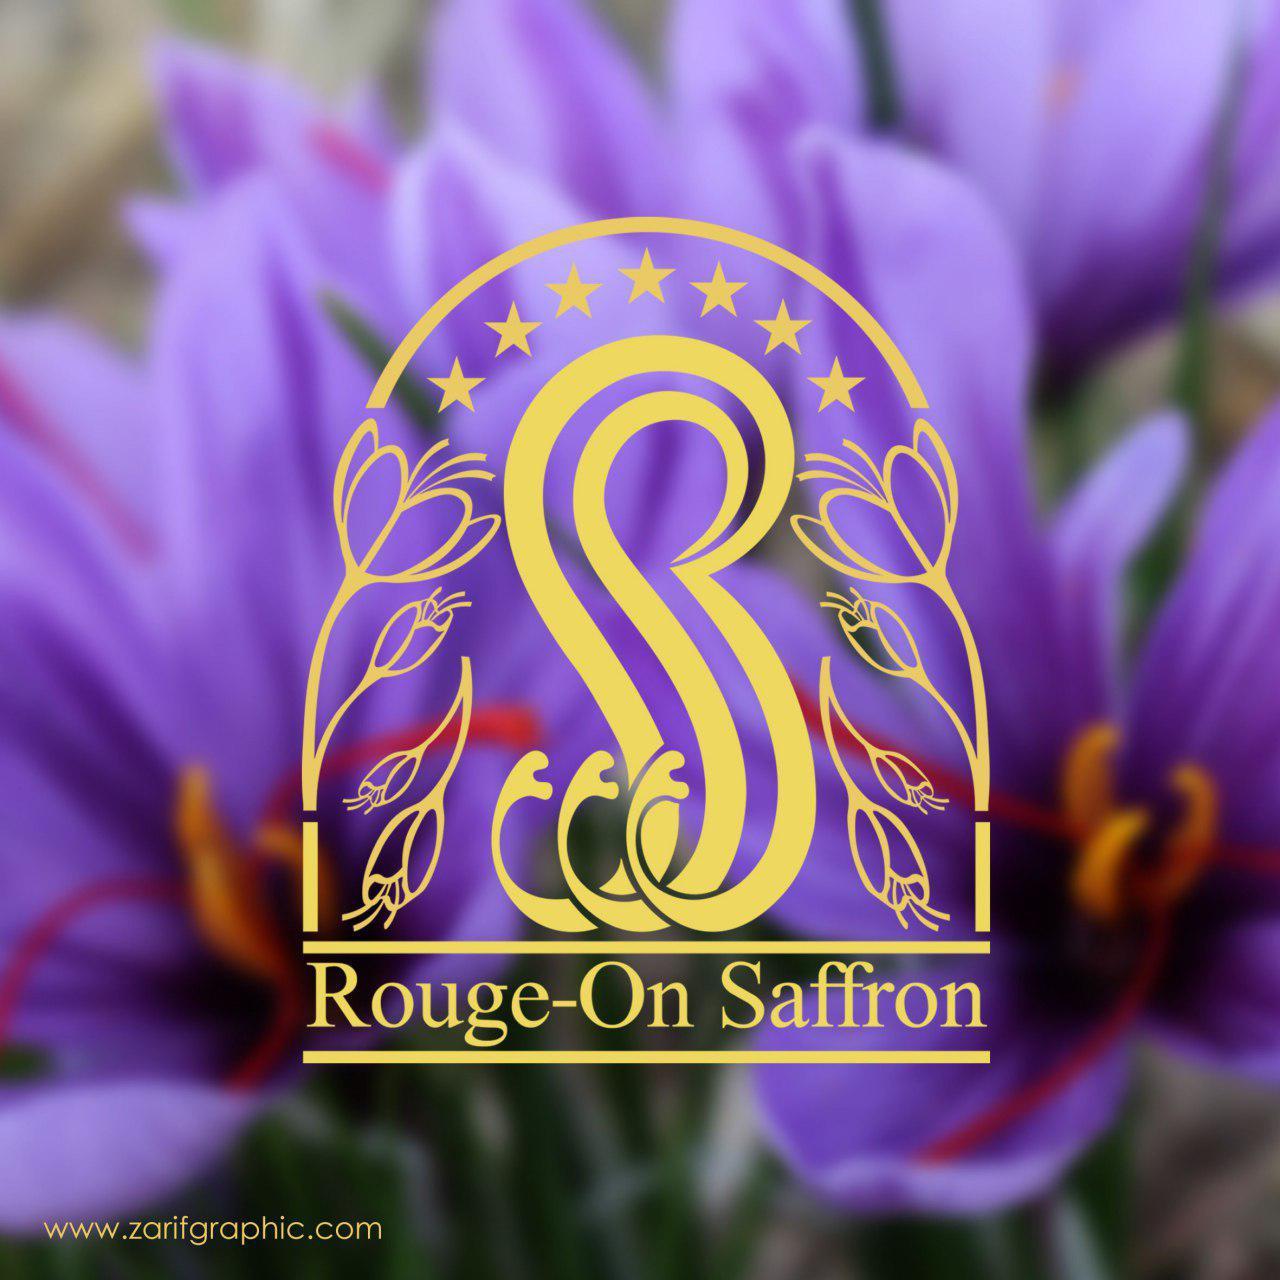 طراحی لوگوی زعفران روژان دبی